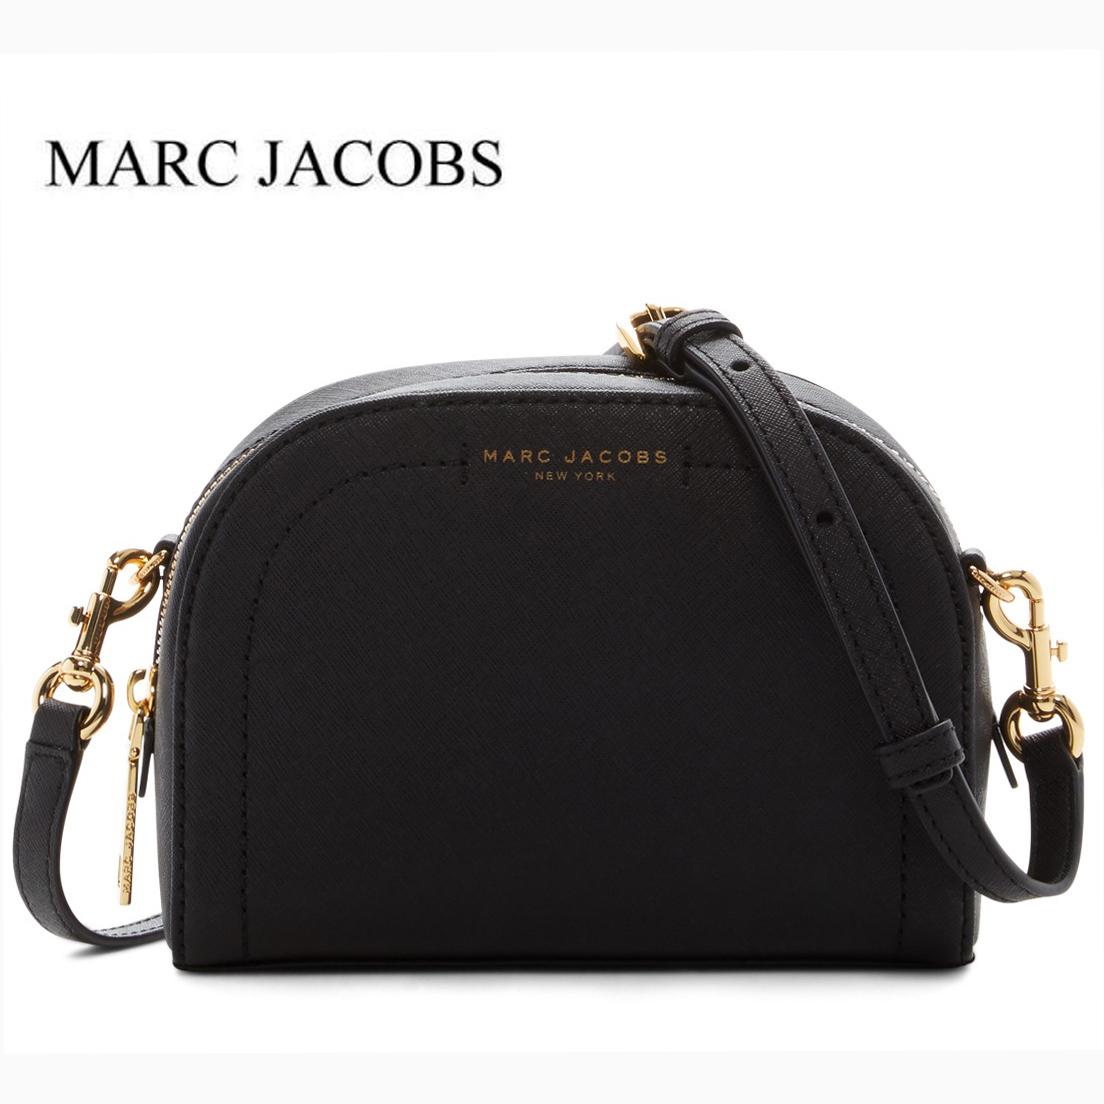 マークジェイコブス バッグ ショルダーバッグ 送料無料&ラッピング無料♪ マークジェイコブス レザー クロスボディバッグ ショルダーバッグ Marc Jacobs Playback Leather Crossbody Bag